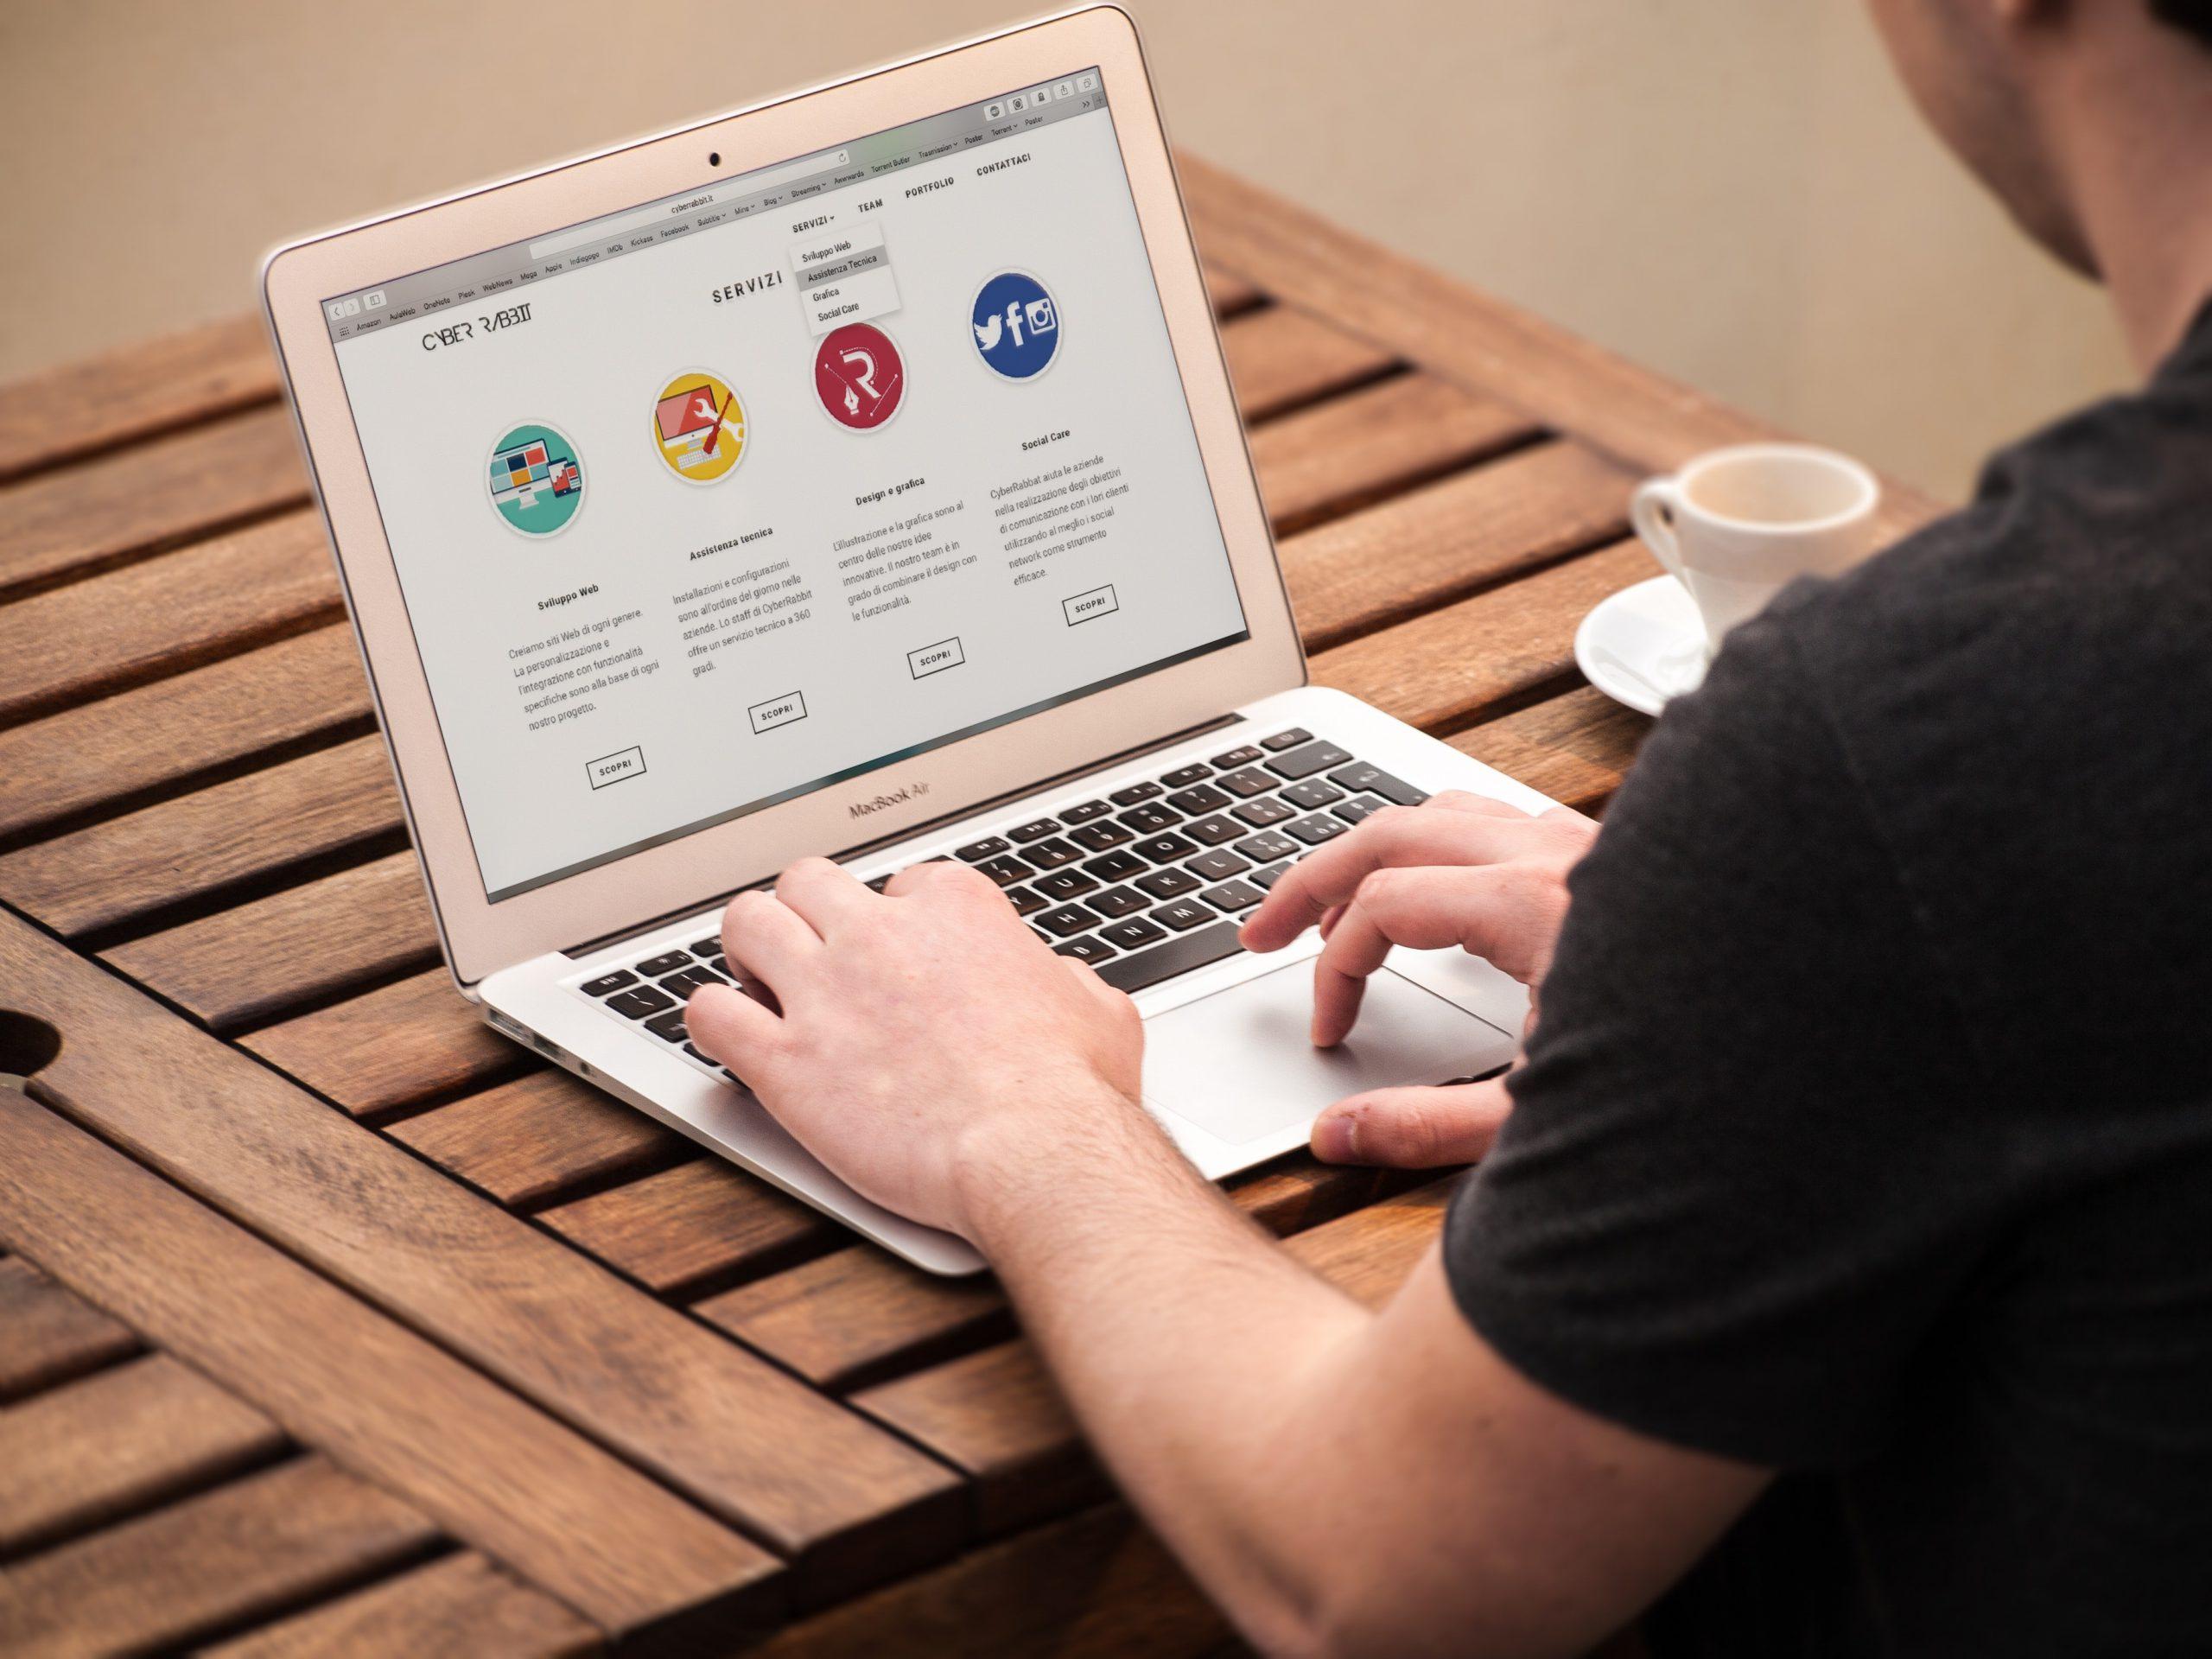 Jak długo trwa pozycjonowanie strony internetowej?